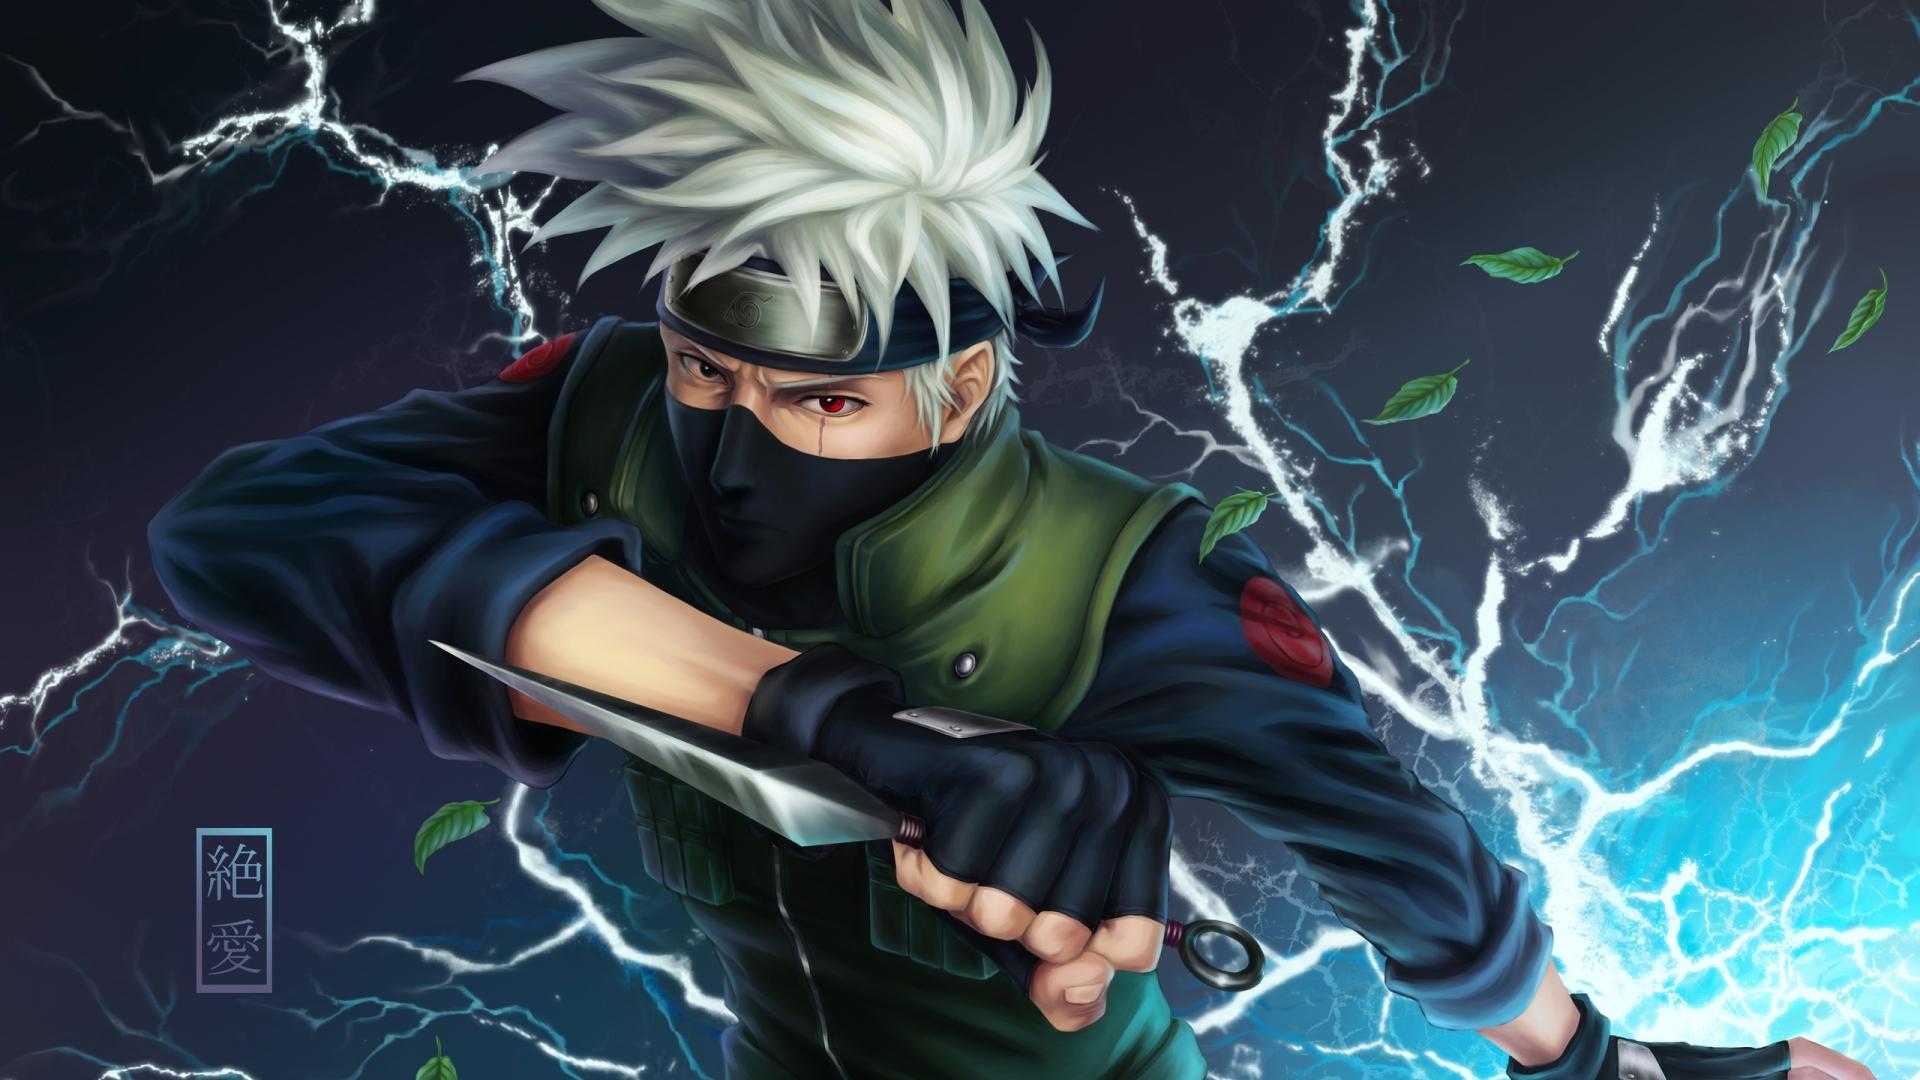 Download Wallpaper Naruto Cartoon - Naruto-Wallpapers-HD-1920x1080-020  Image_466188.jpg